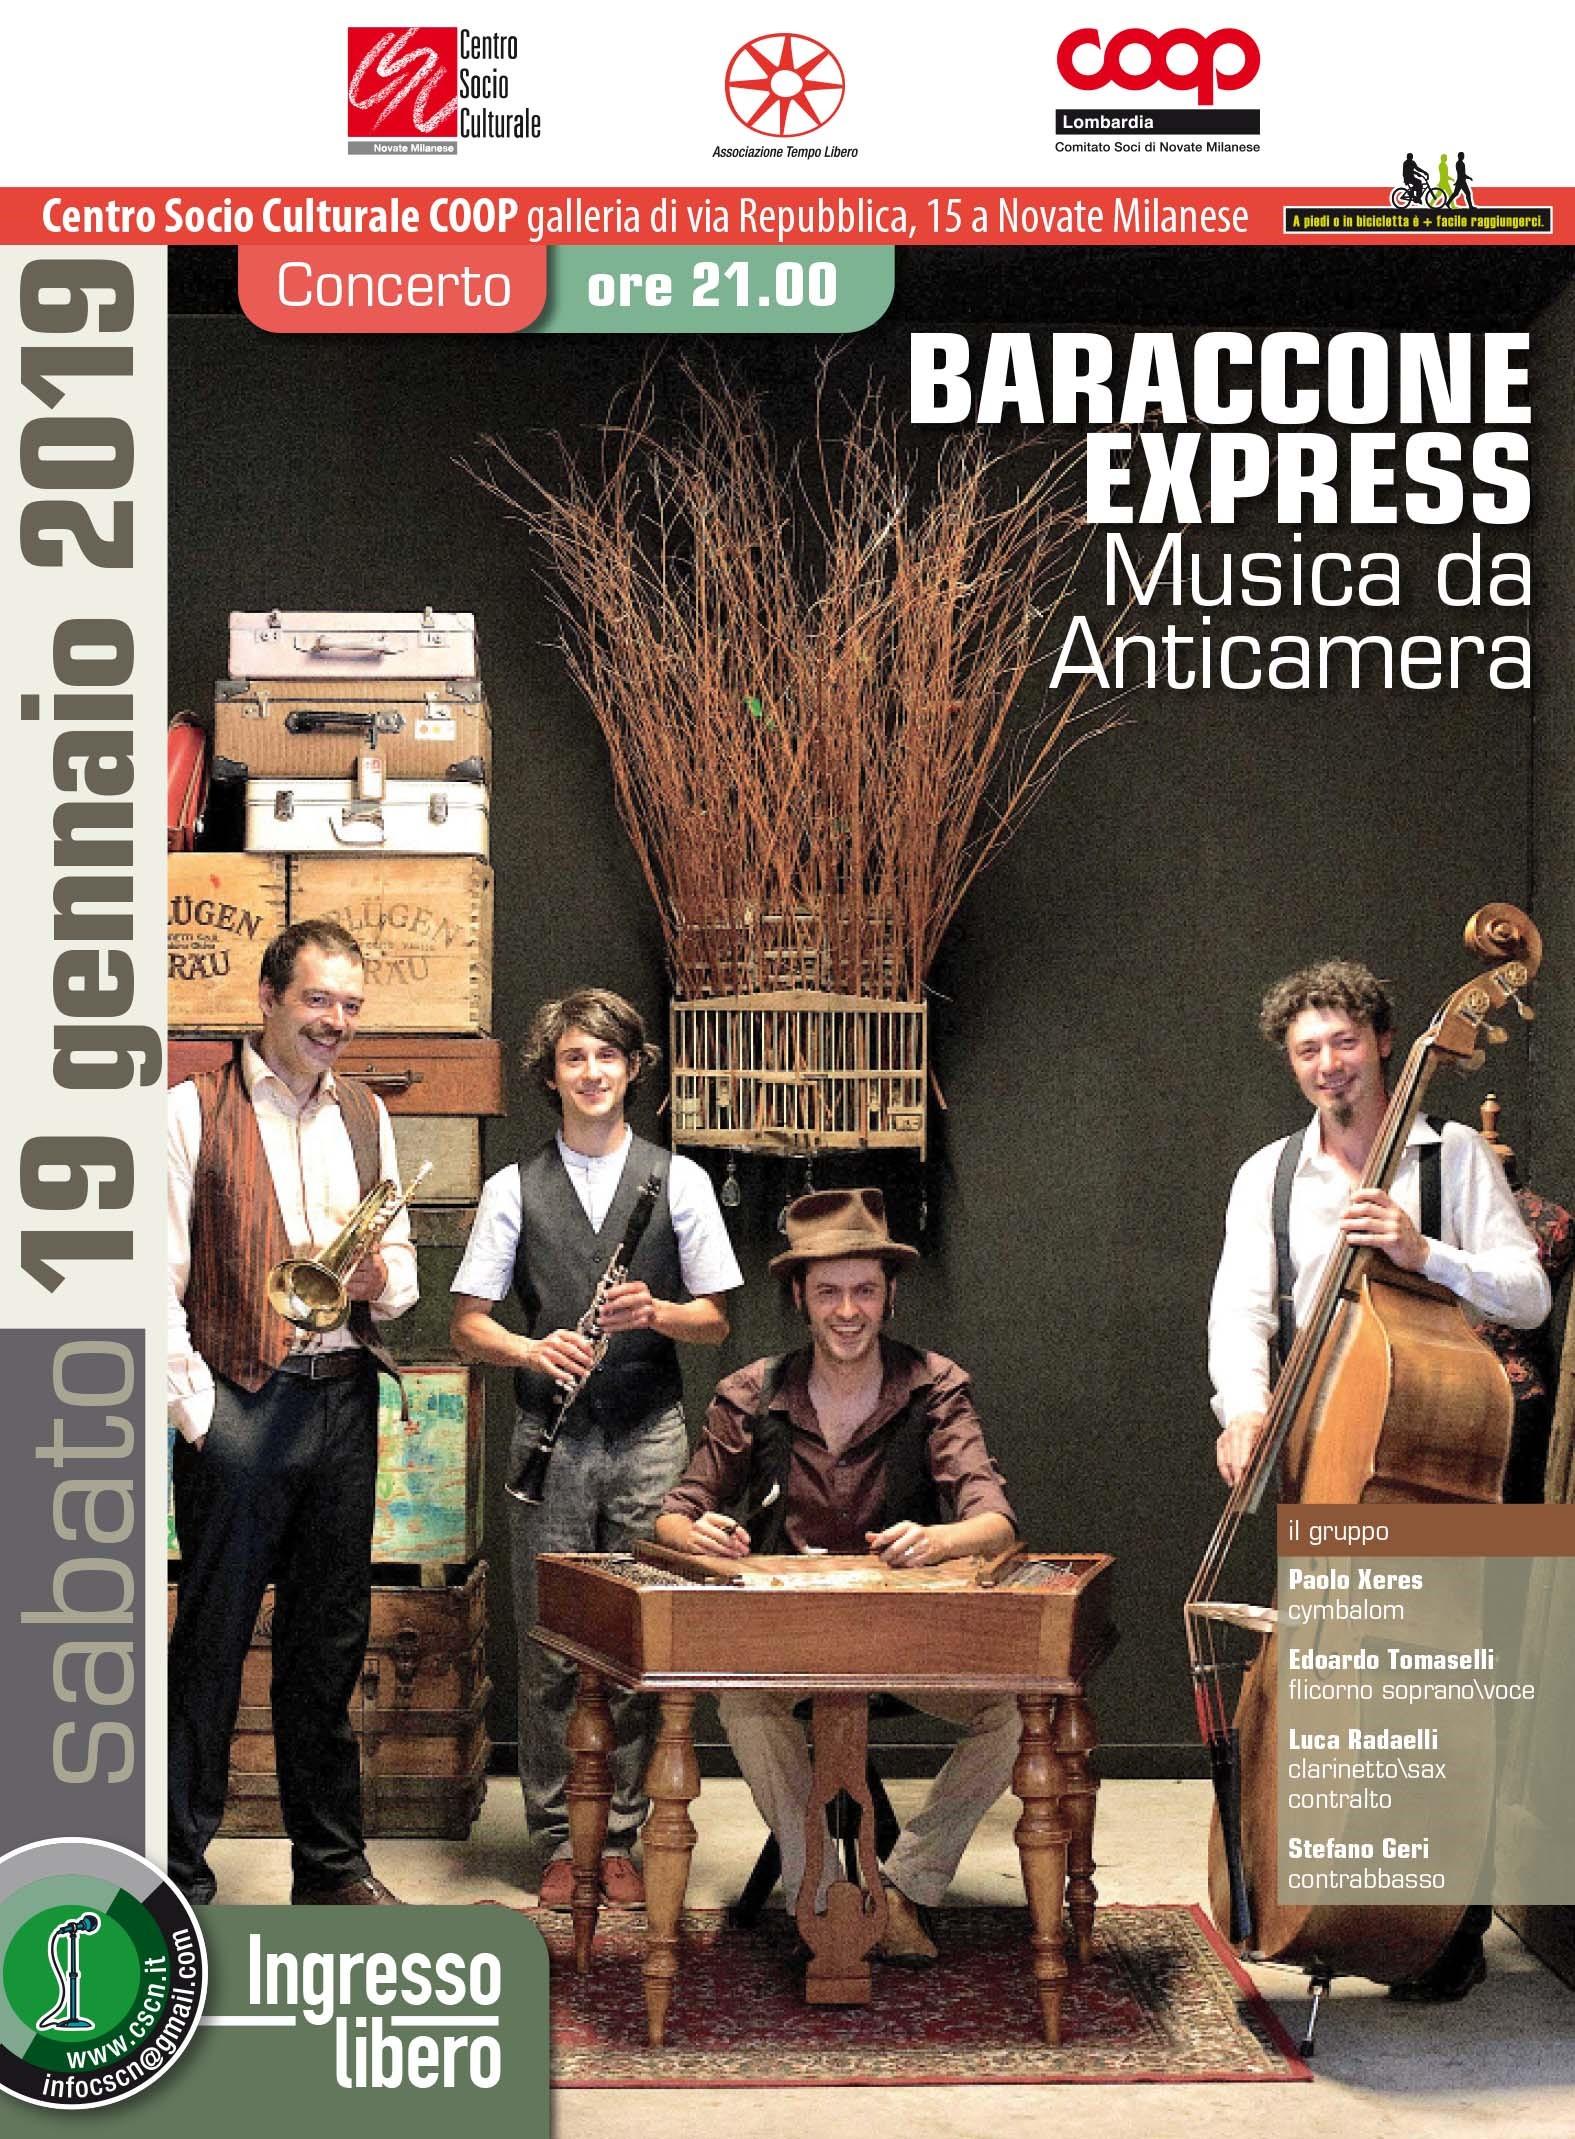 Scuola Di Musica Novate Milanese.Baraccone Express Musica Da Anticamera Partecipa Coop